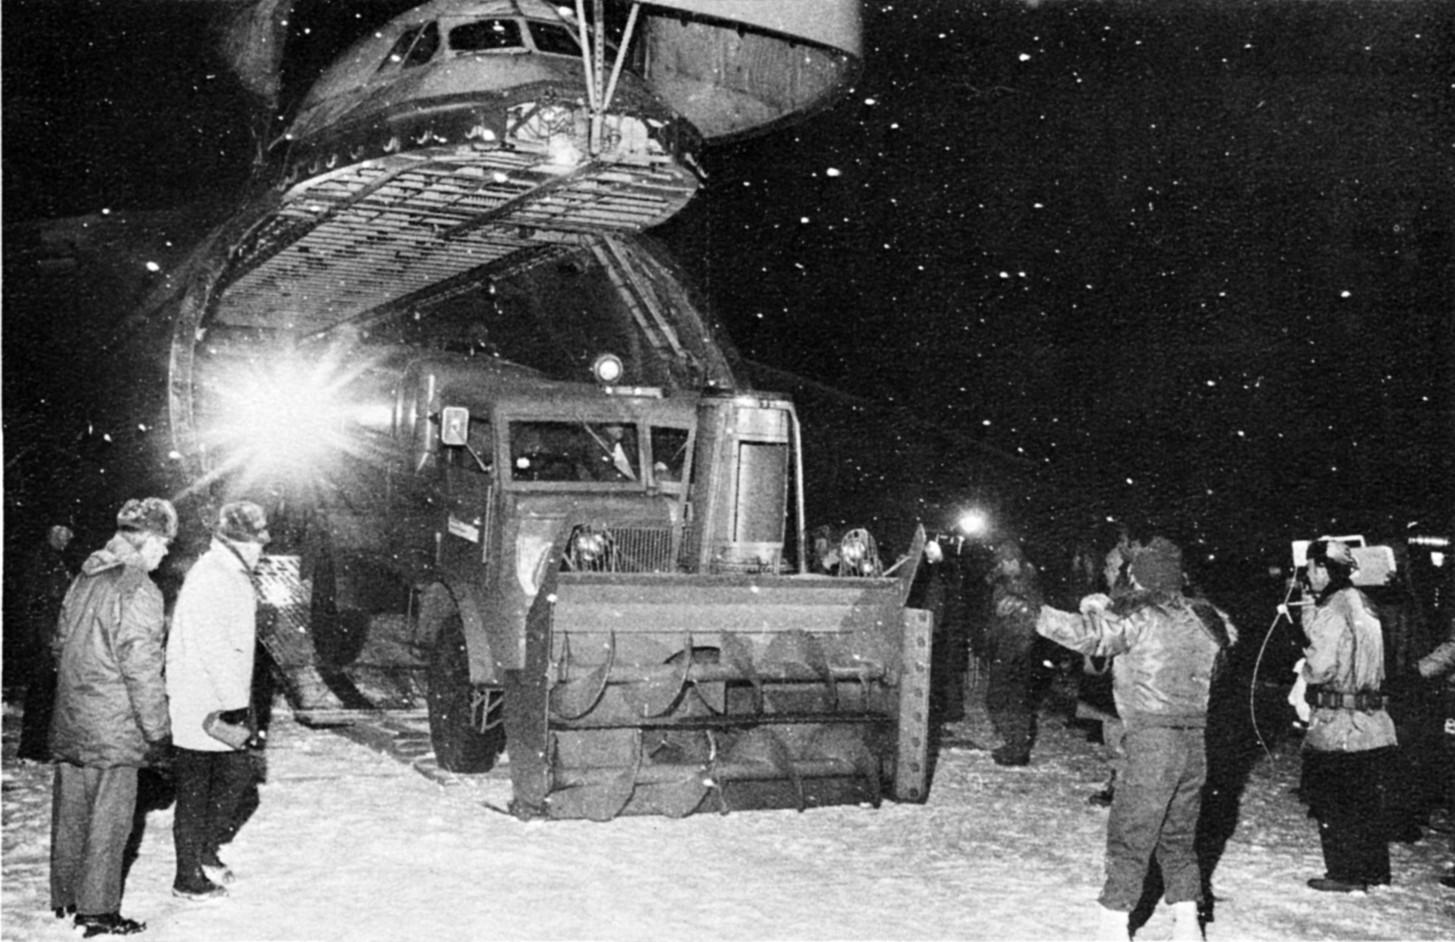 1977. A katonaság gépei hómarókat szállítanak az Egyesült Államok hófúvással sújtott térségeibe..jpg